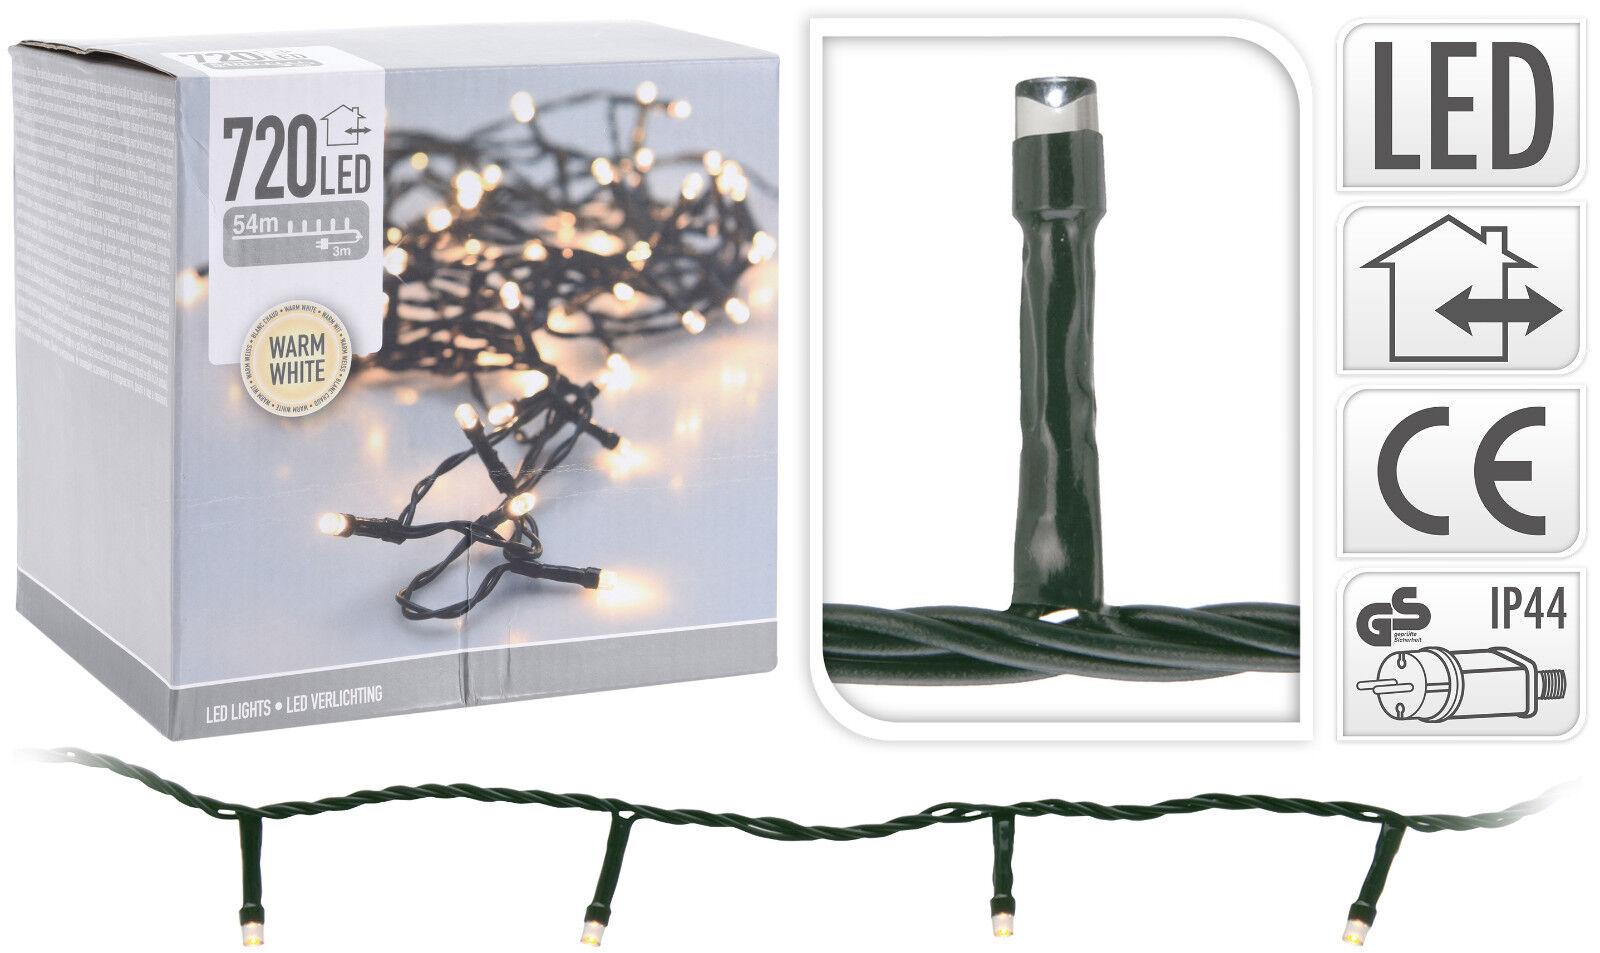 Lichterkette 720 LED warmweiß 54m Länge Innen- Außen Außen Außen LED-Lichter-Kette weiß LEDs | Stilvoll und lustig  b741f2